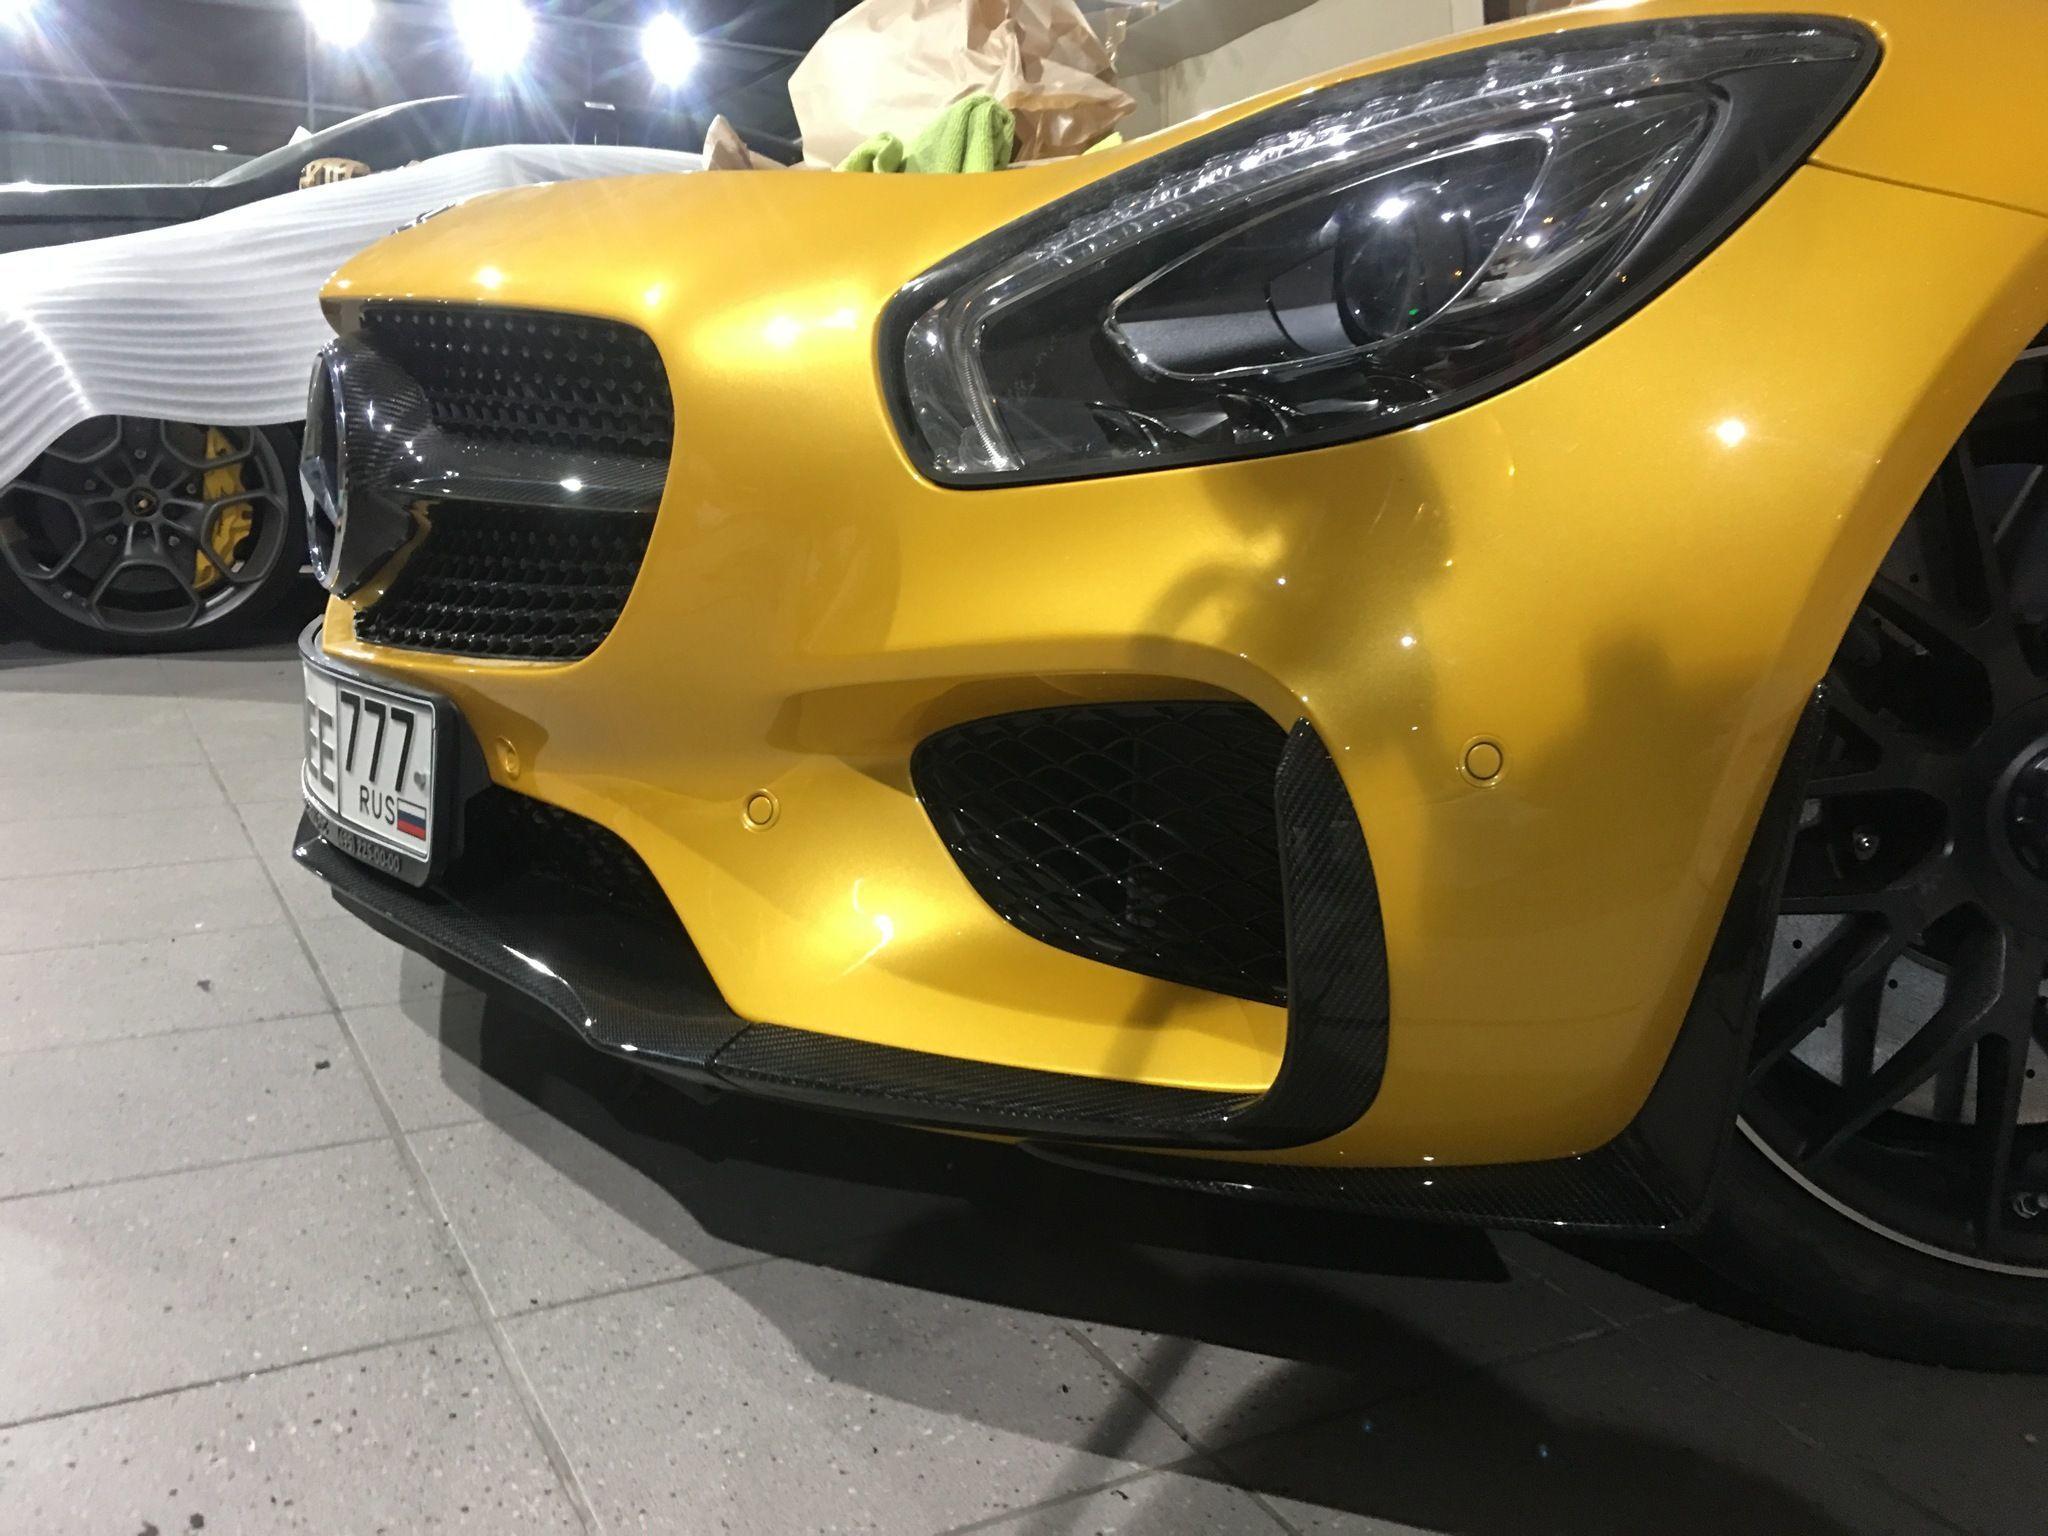 Карбоновая решетка радиатора Edition 1 Style для Mercedes GT-class C190